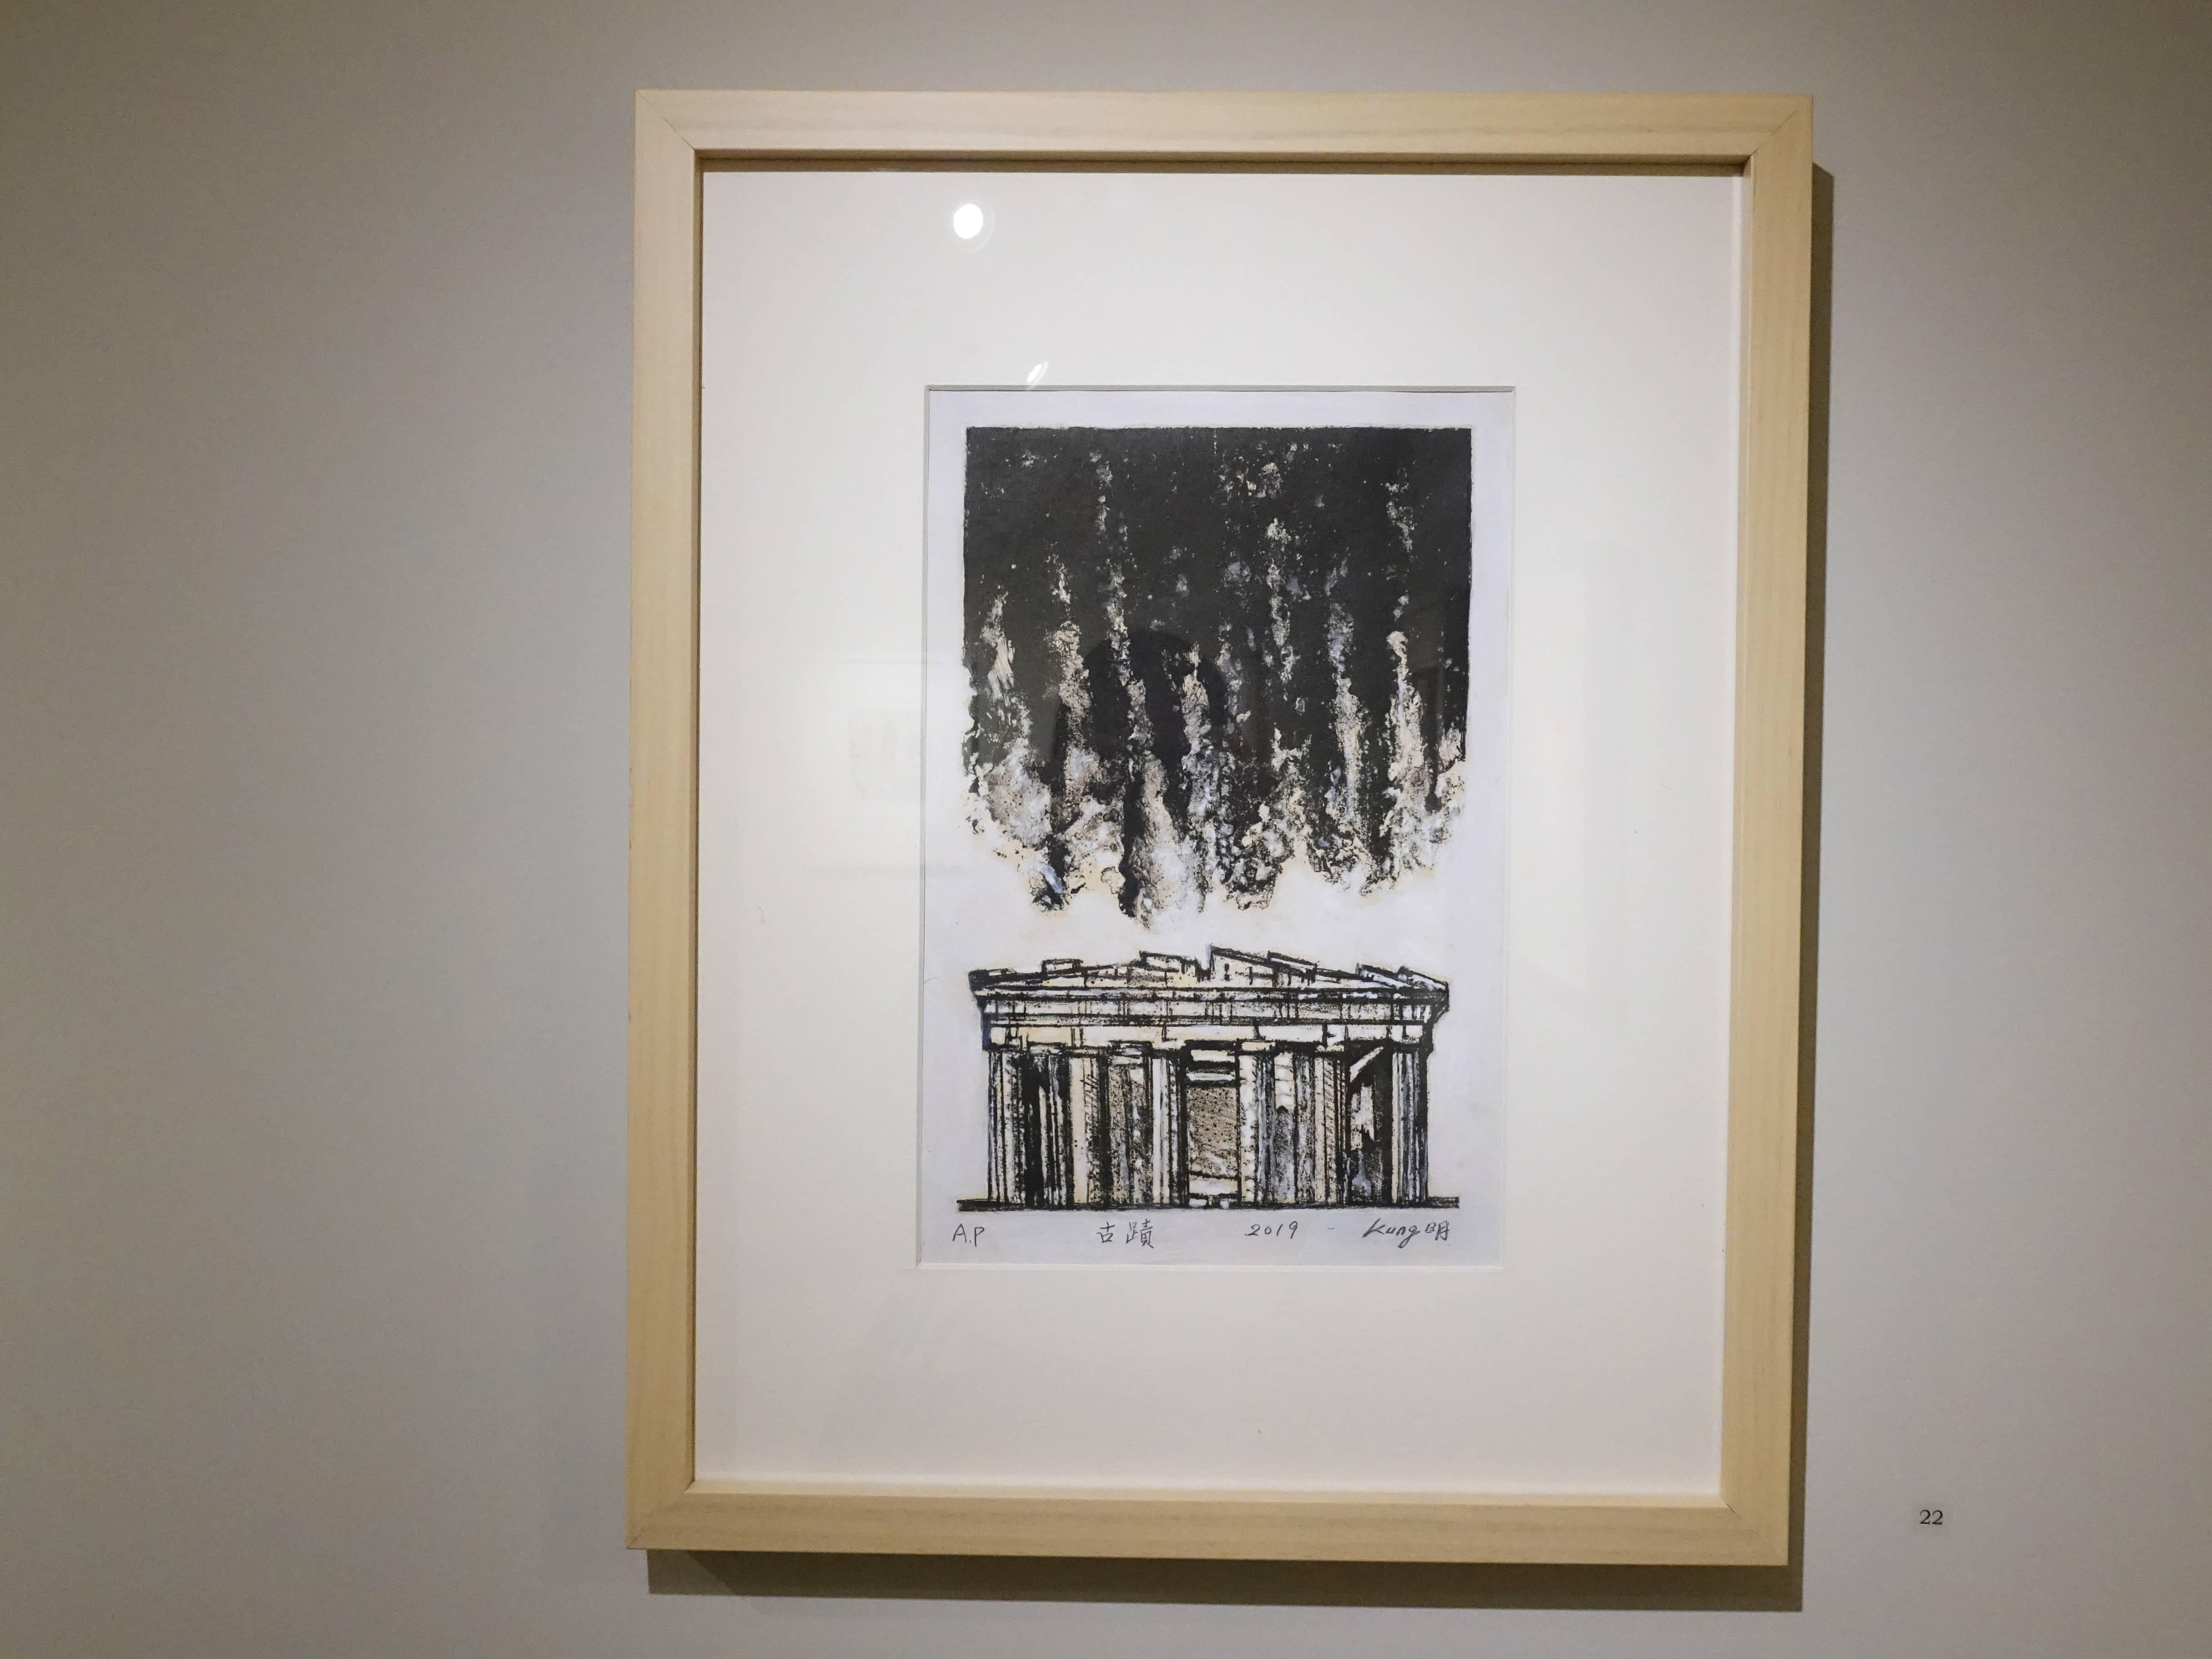 鞏智明,《古蹟》,30 x 20 cm,AP,平版,2019。